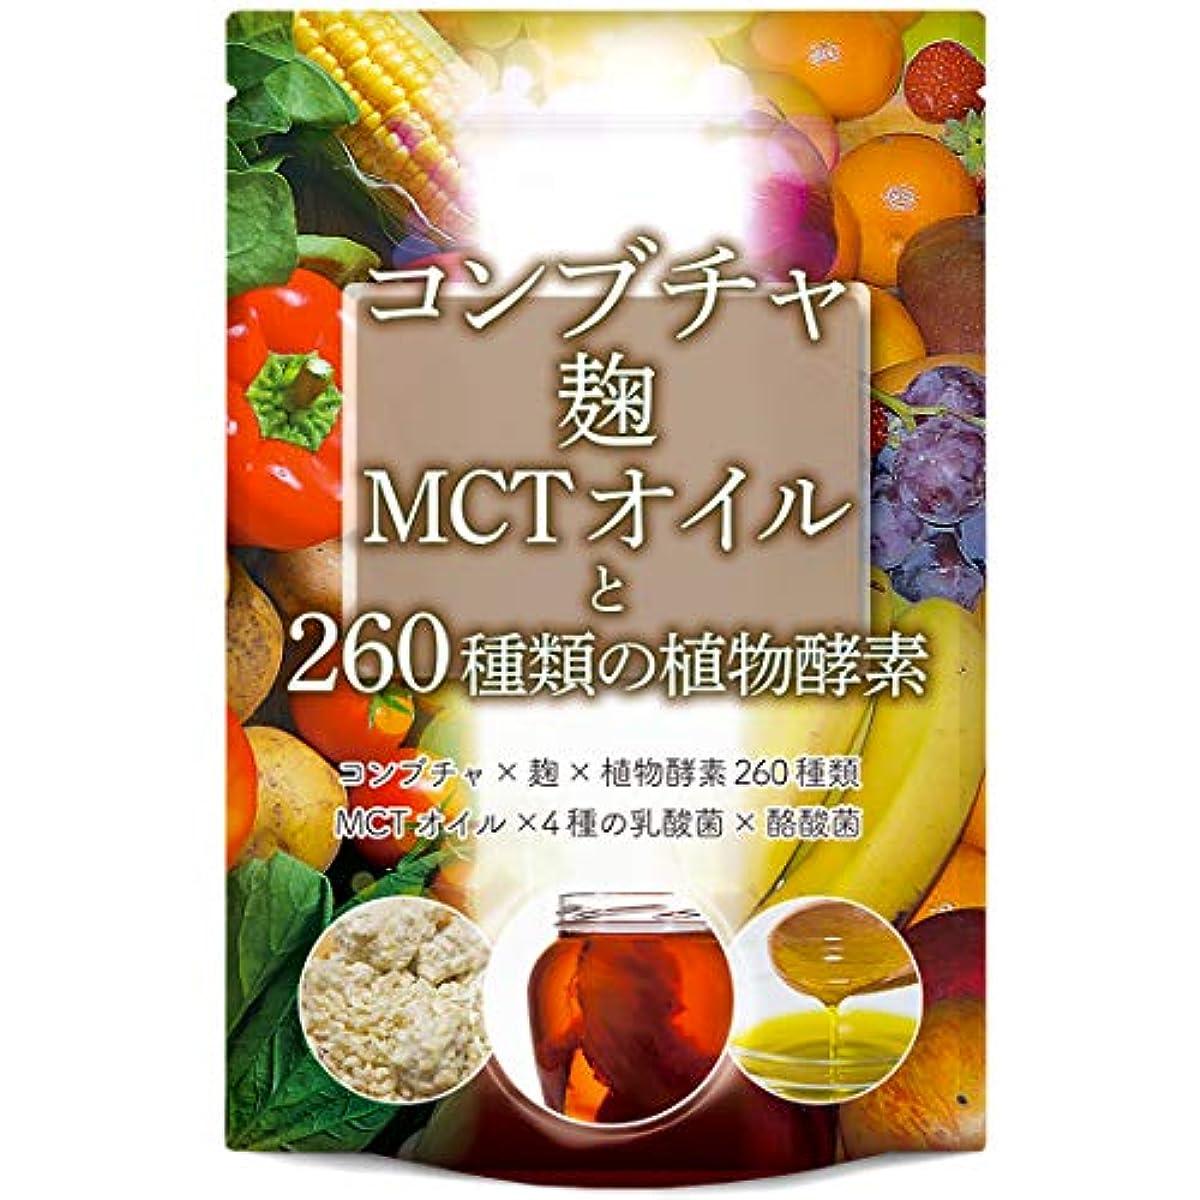 グラフ掃くゴージャスコンブチャ 麹 MCTオイル 260種類の植物酵素 ダイエット サプリメント 30粒 30日分